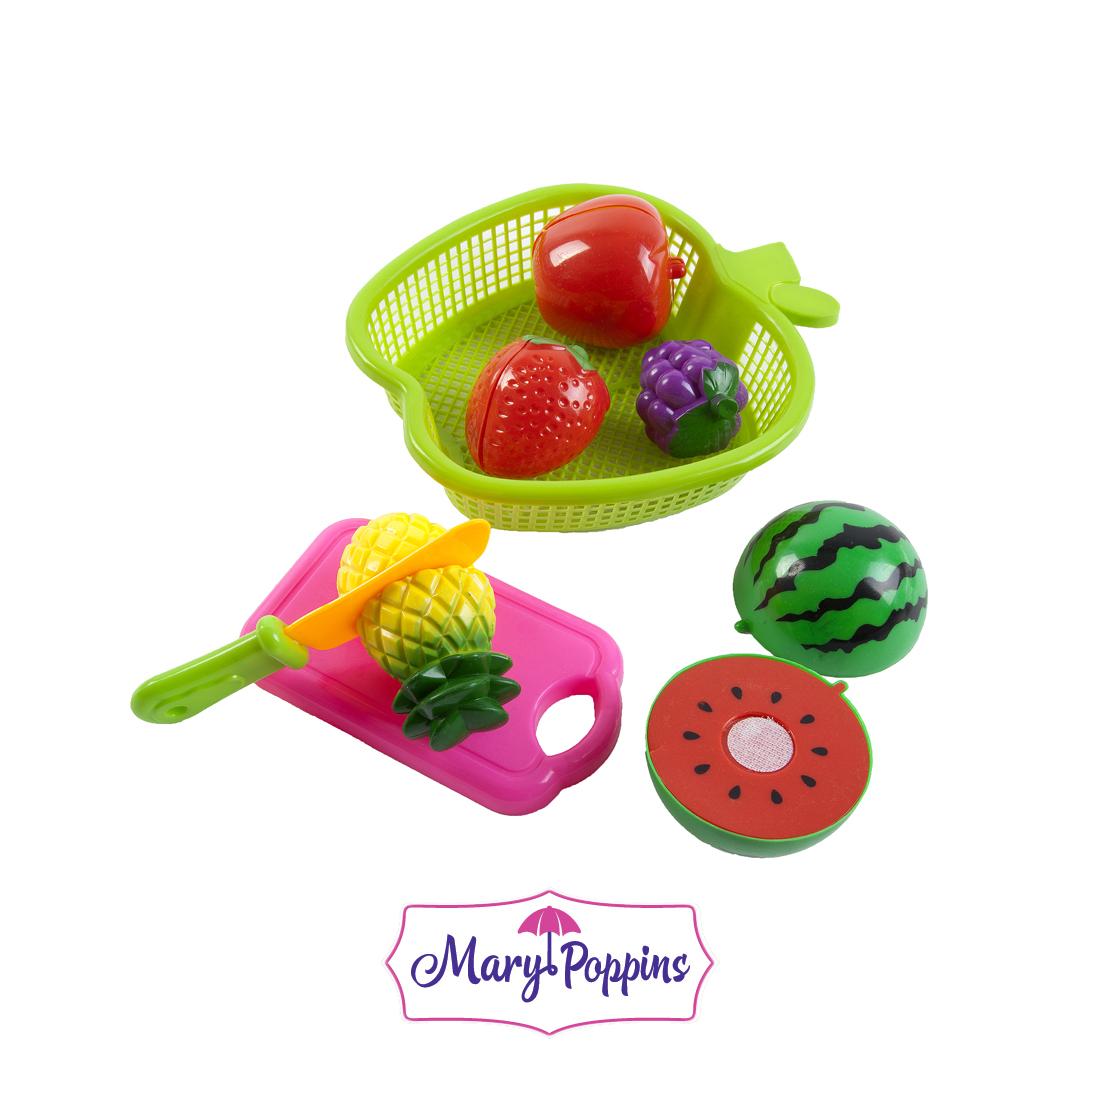 Купить Игровой набор для резки, фрукты в яблоке, 1шт., Mary Poppins 453046, Китай, Мультиколор